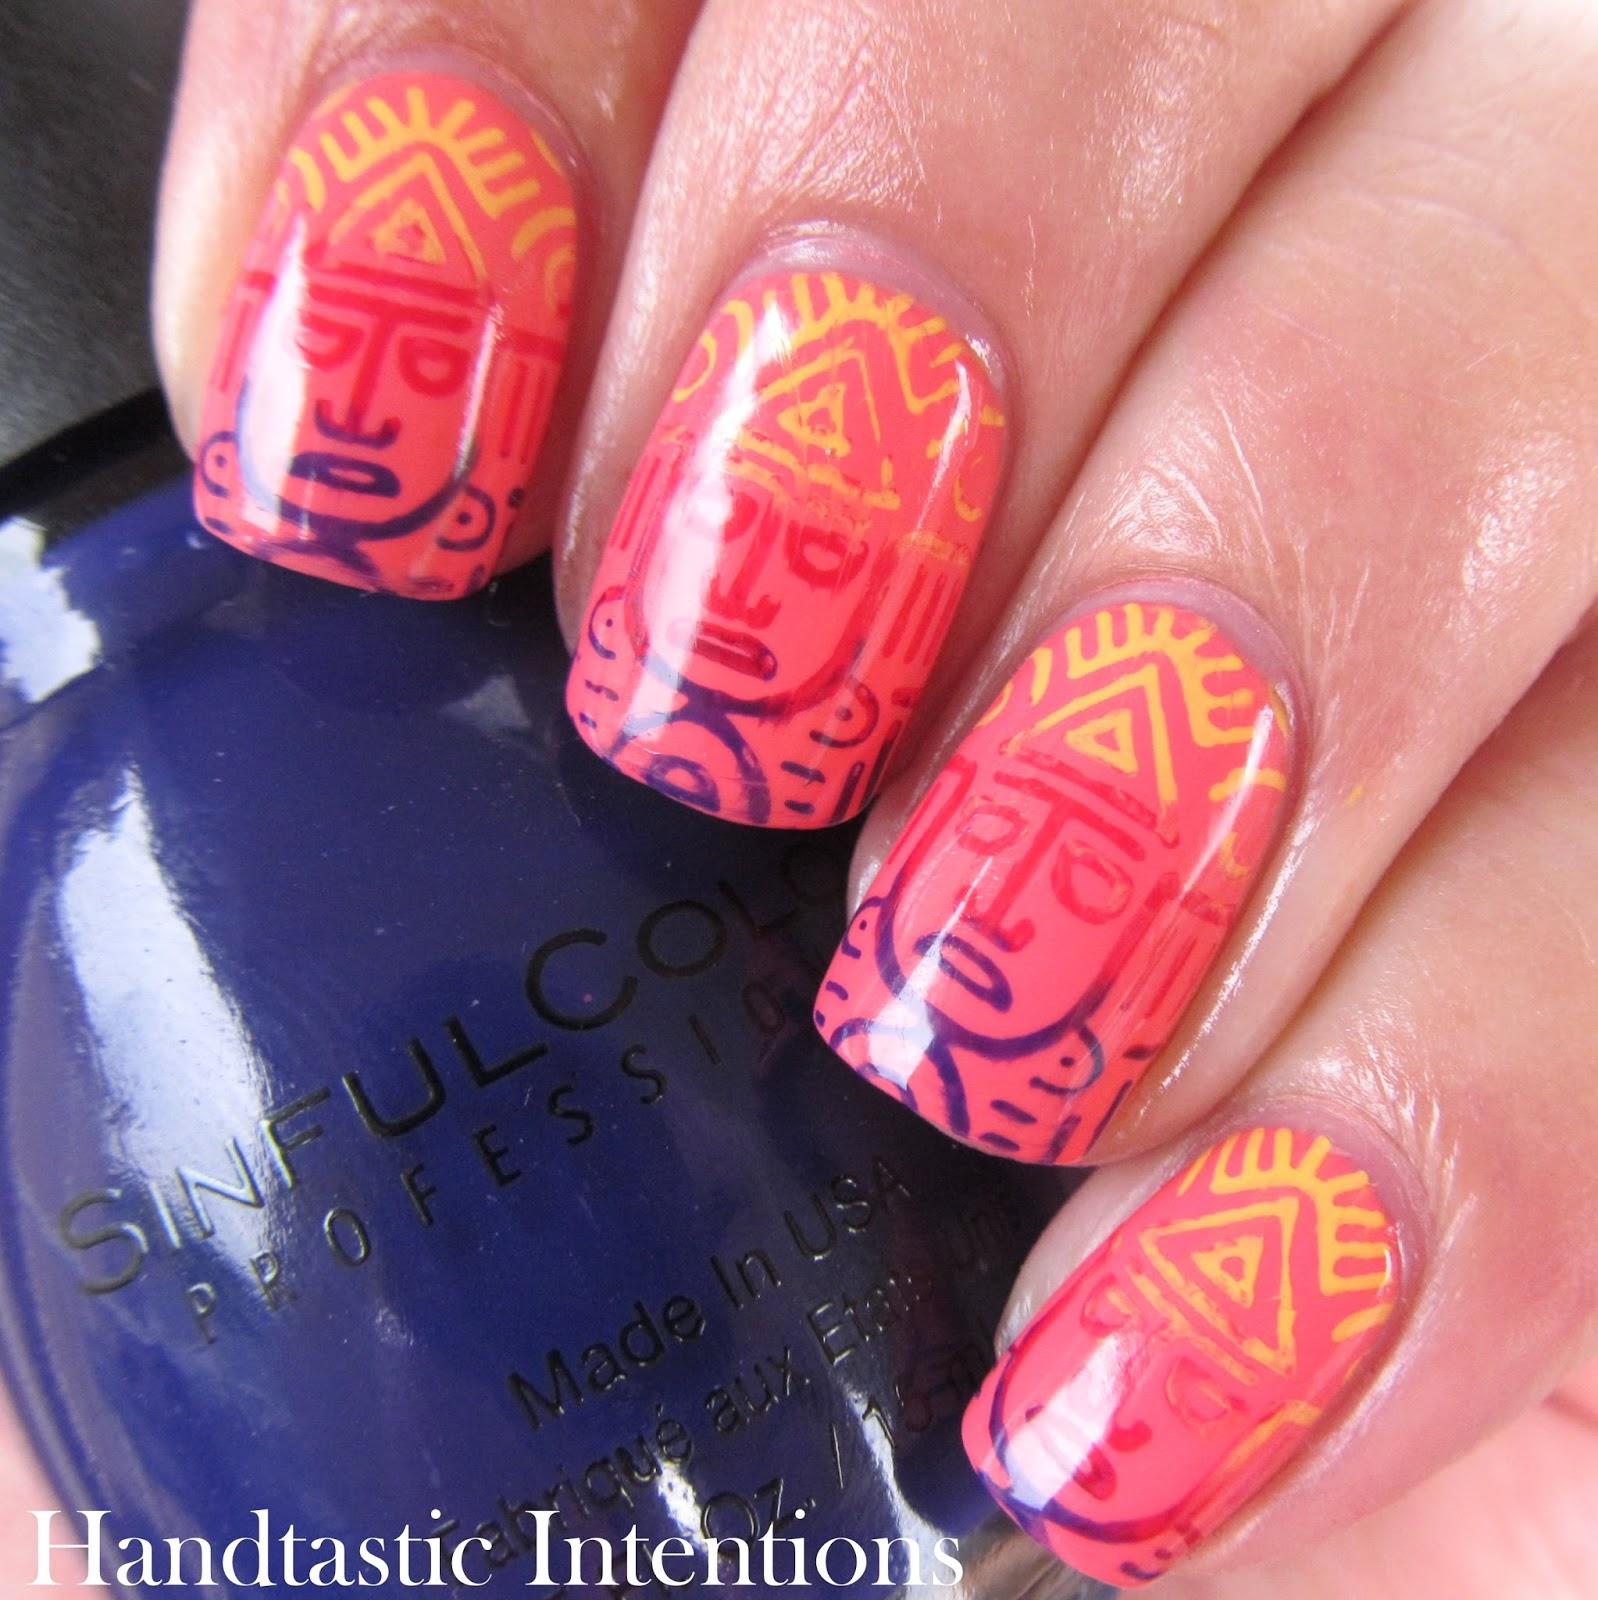 Tuesday Nail Polish: Handtastic Intentions: Nail Art: Aztec Tri Polish Tuesday